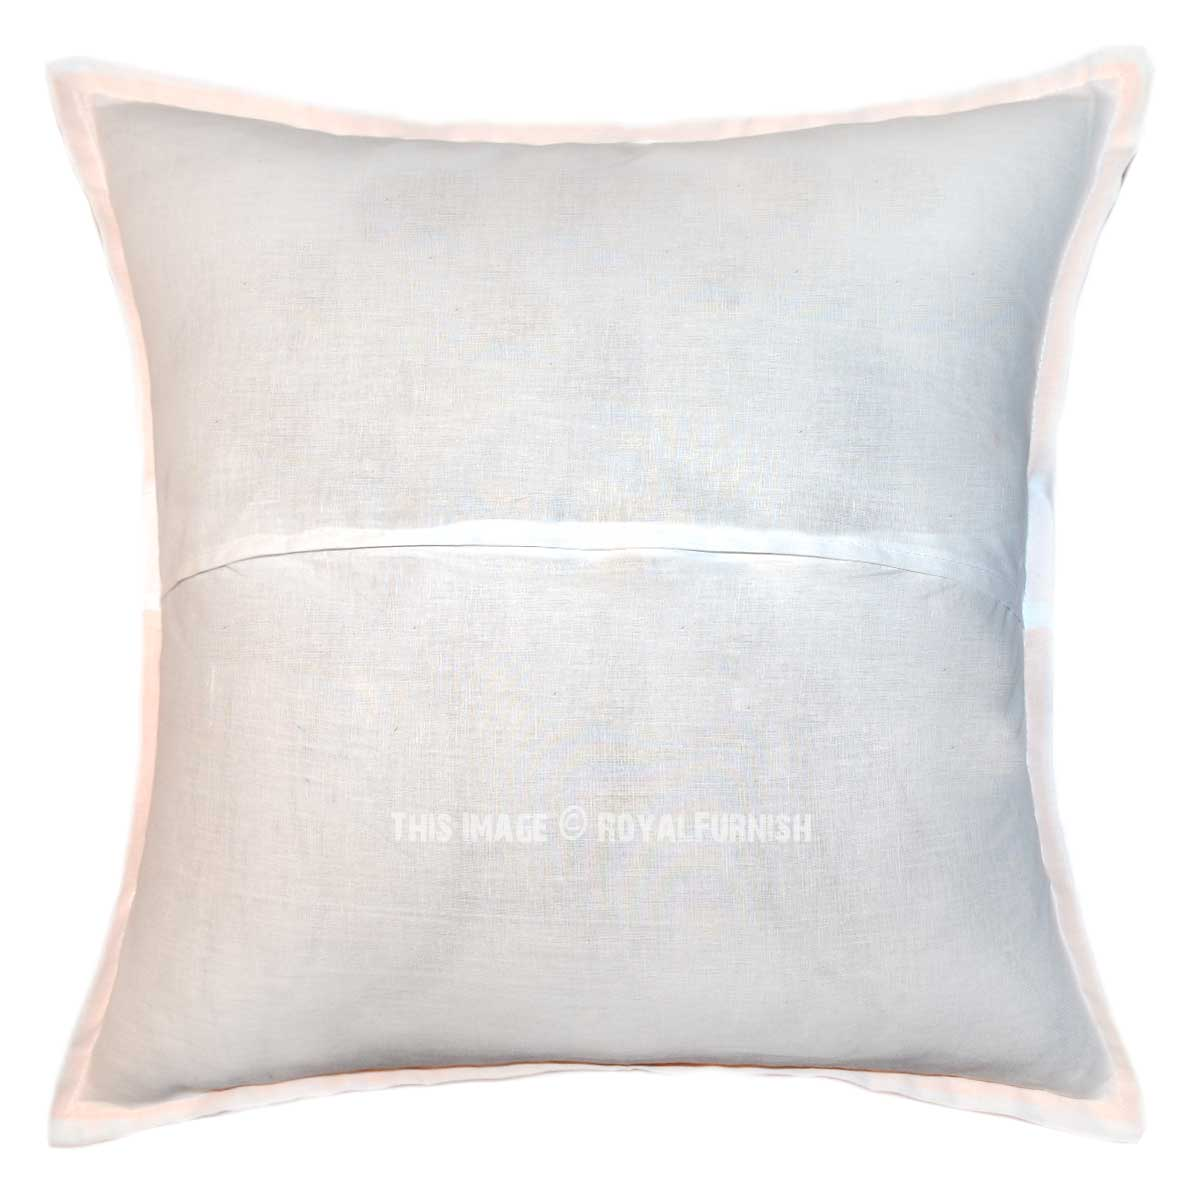 White Unique Cotton Decorative & Accent Square Pillow 16X16 - RoyalFurnish.com